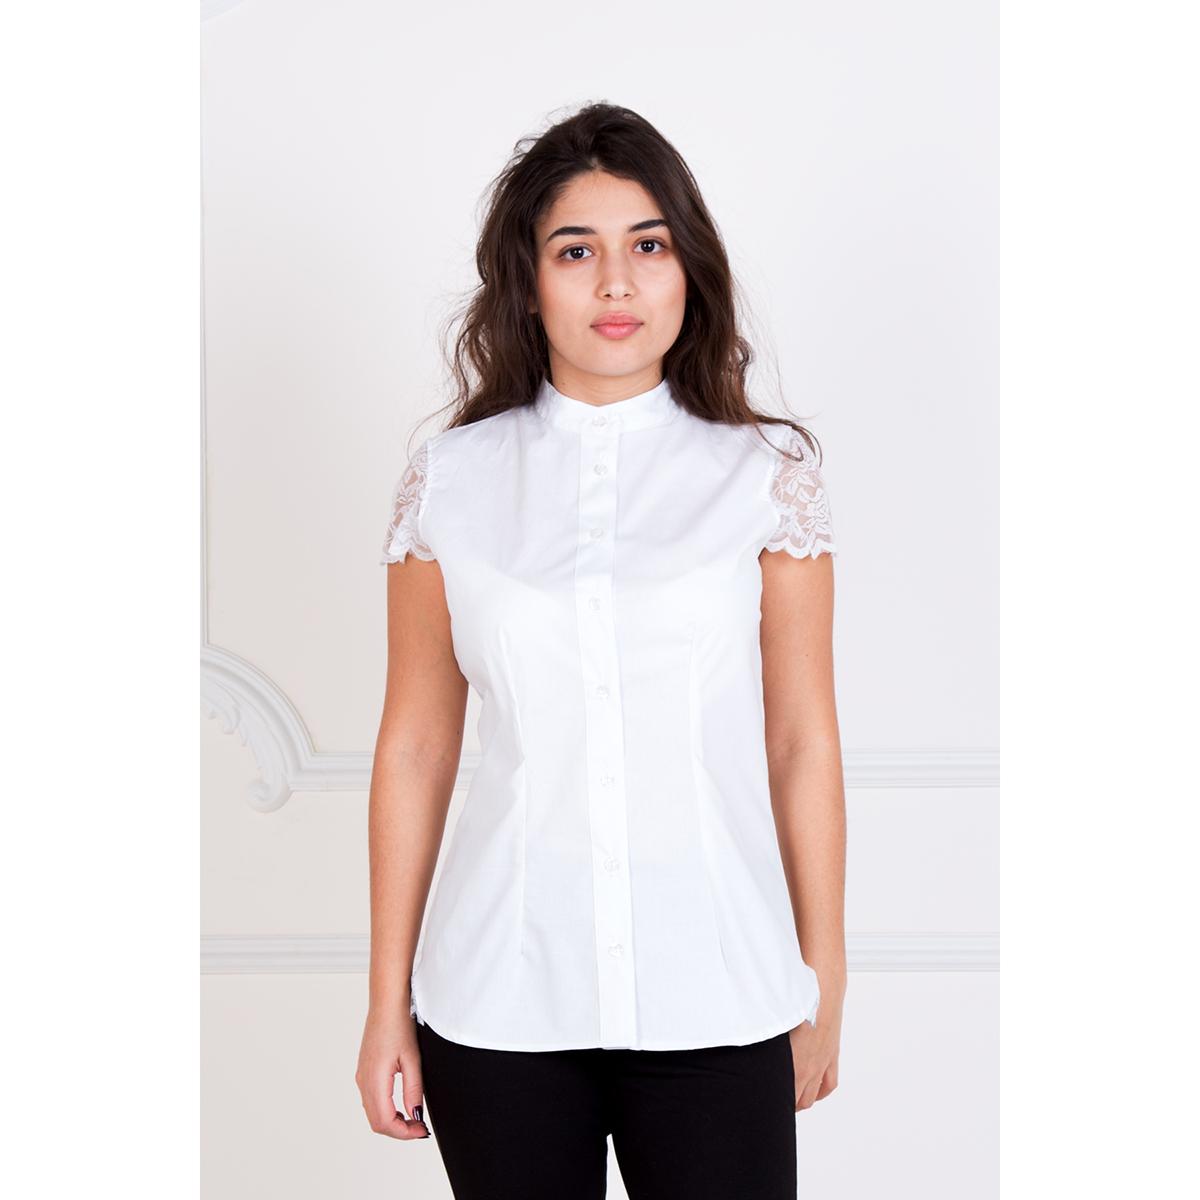 Женская рубашка  Рейна , размер 44 - Женская одежда артикул: 15224